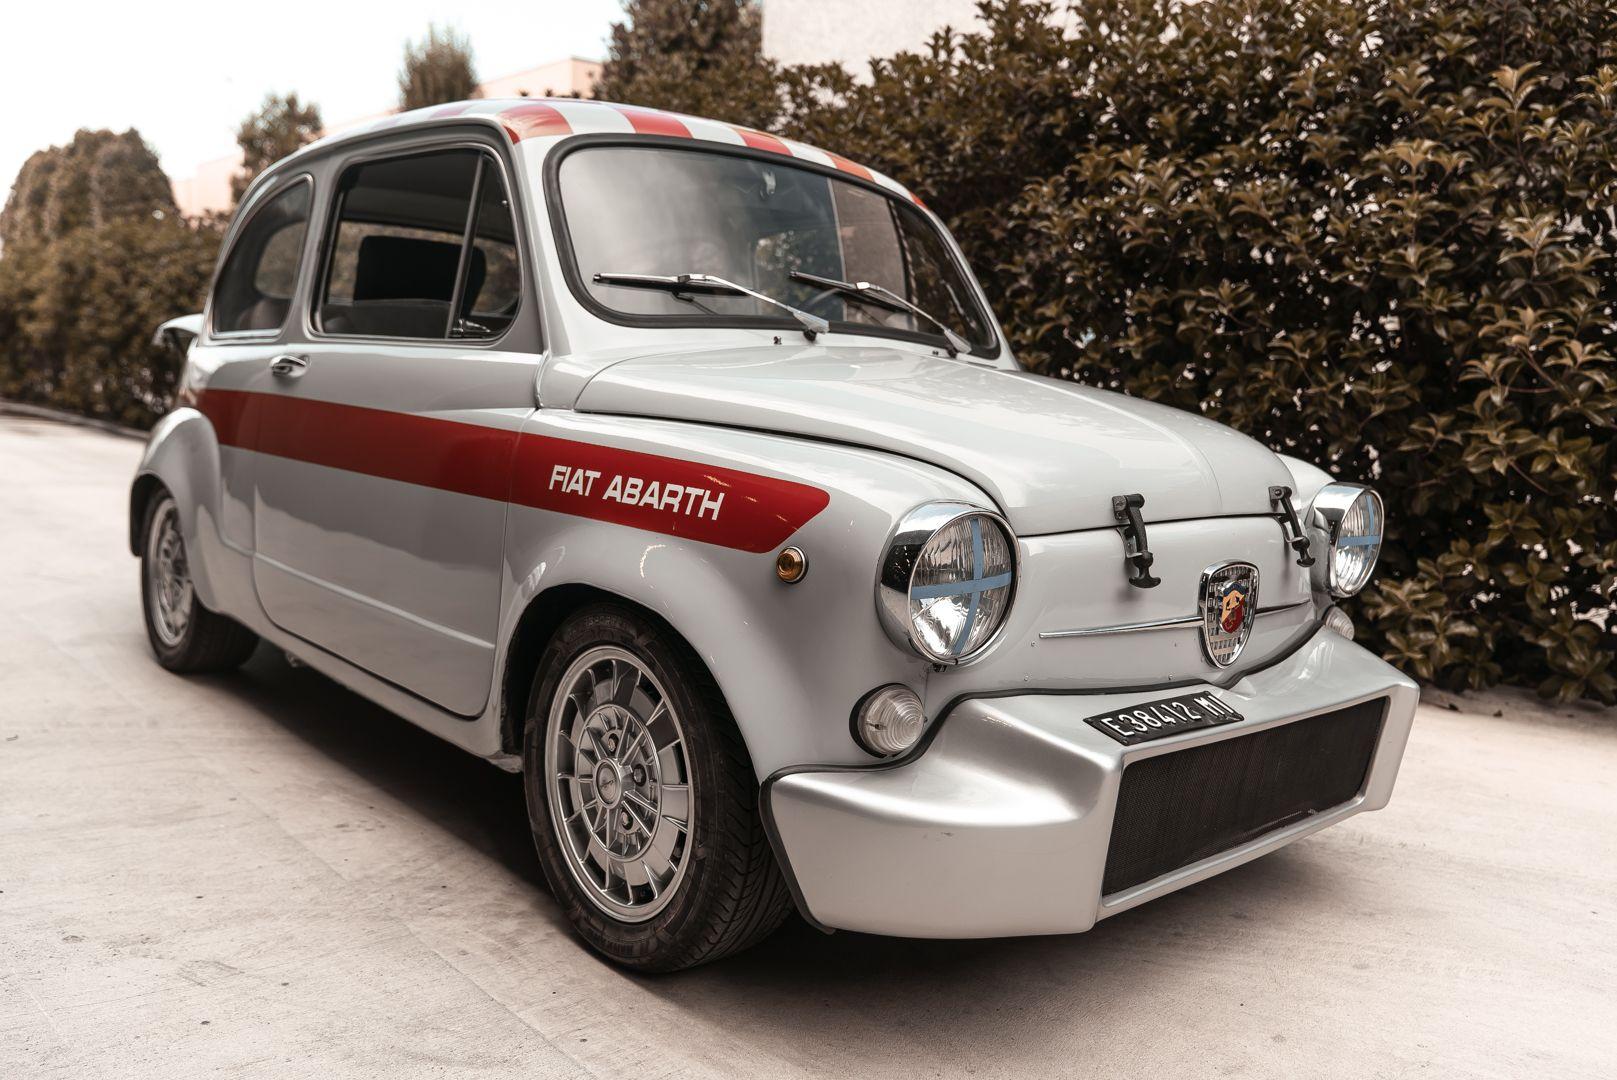 1967 Fiat 600 D Abarth Replica 80452